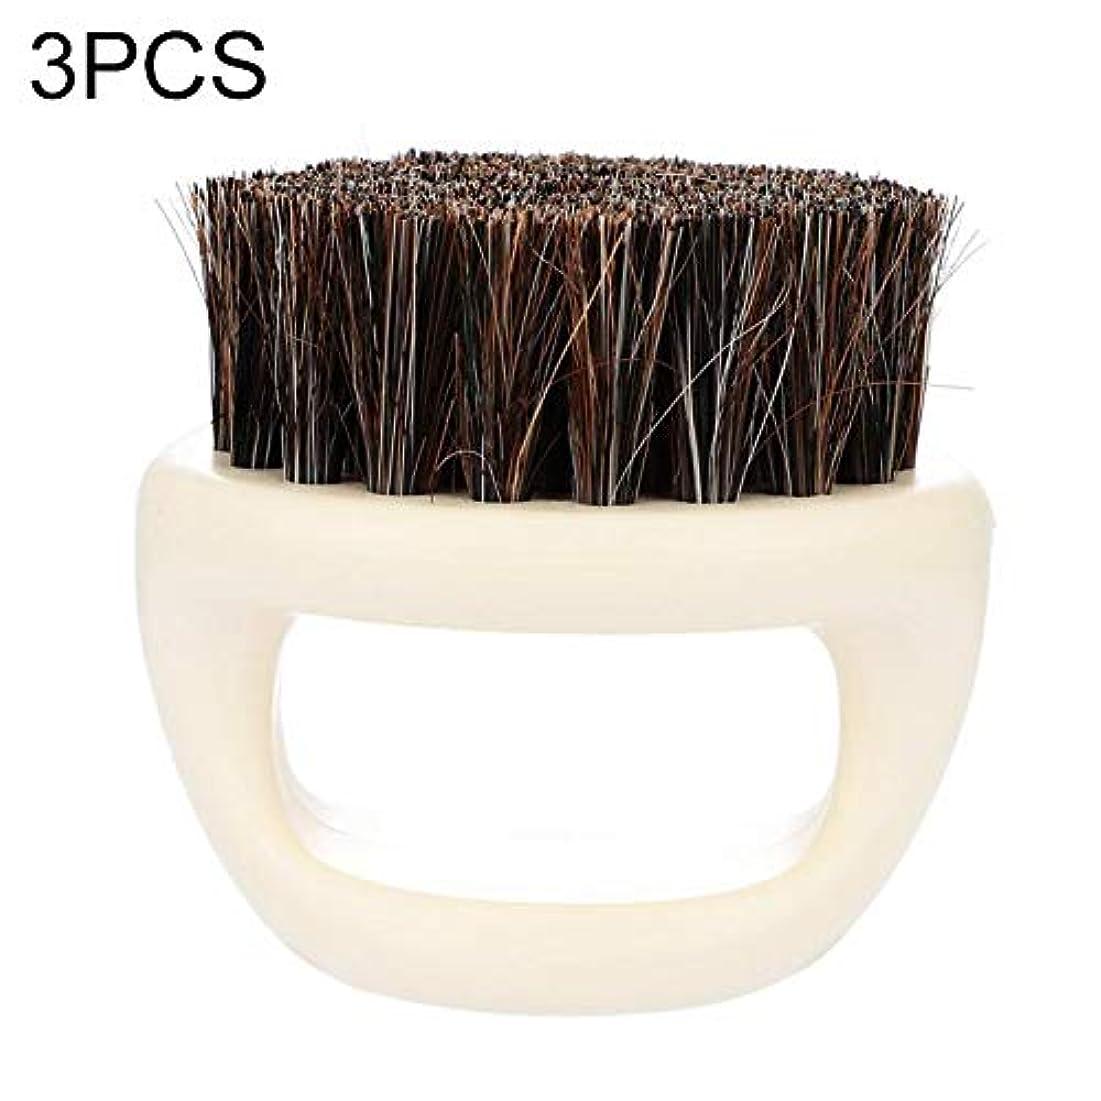 精神有効化スクレーパーWTYD 美容ヘアツール 3 PCSメンズリングデザインポータブルボアブラシホワイトABSヘアカットクリーニングシェービングブラシ (色 : Black)